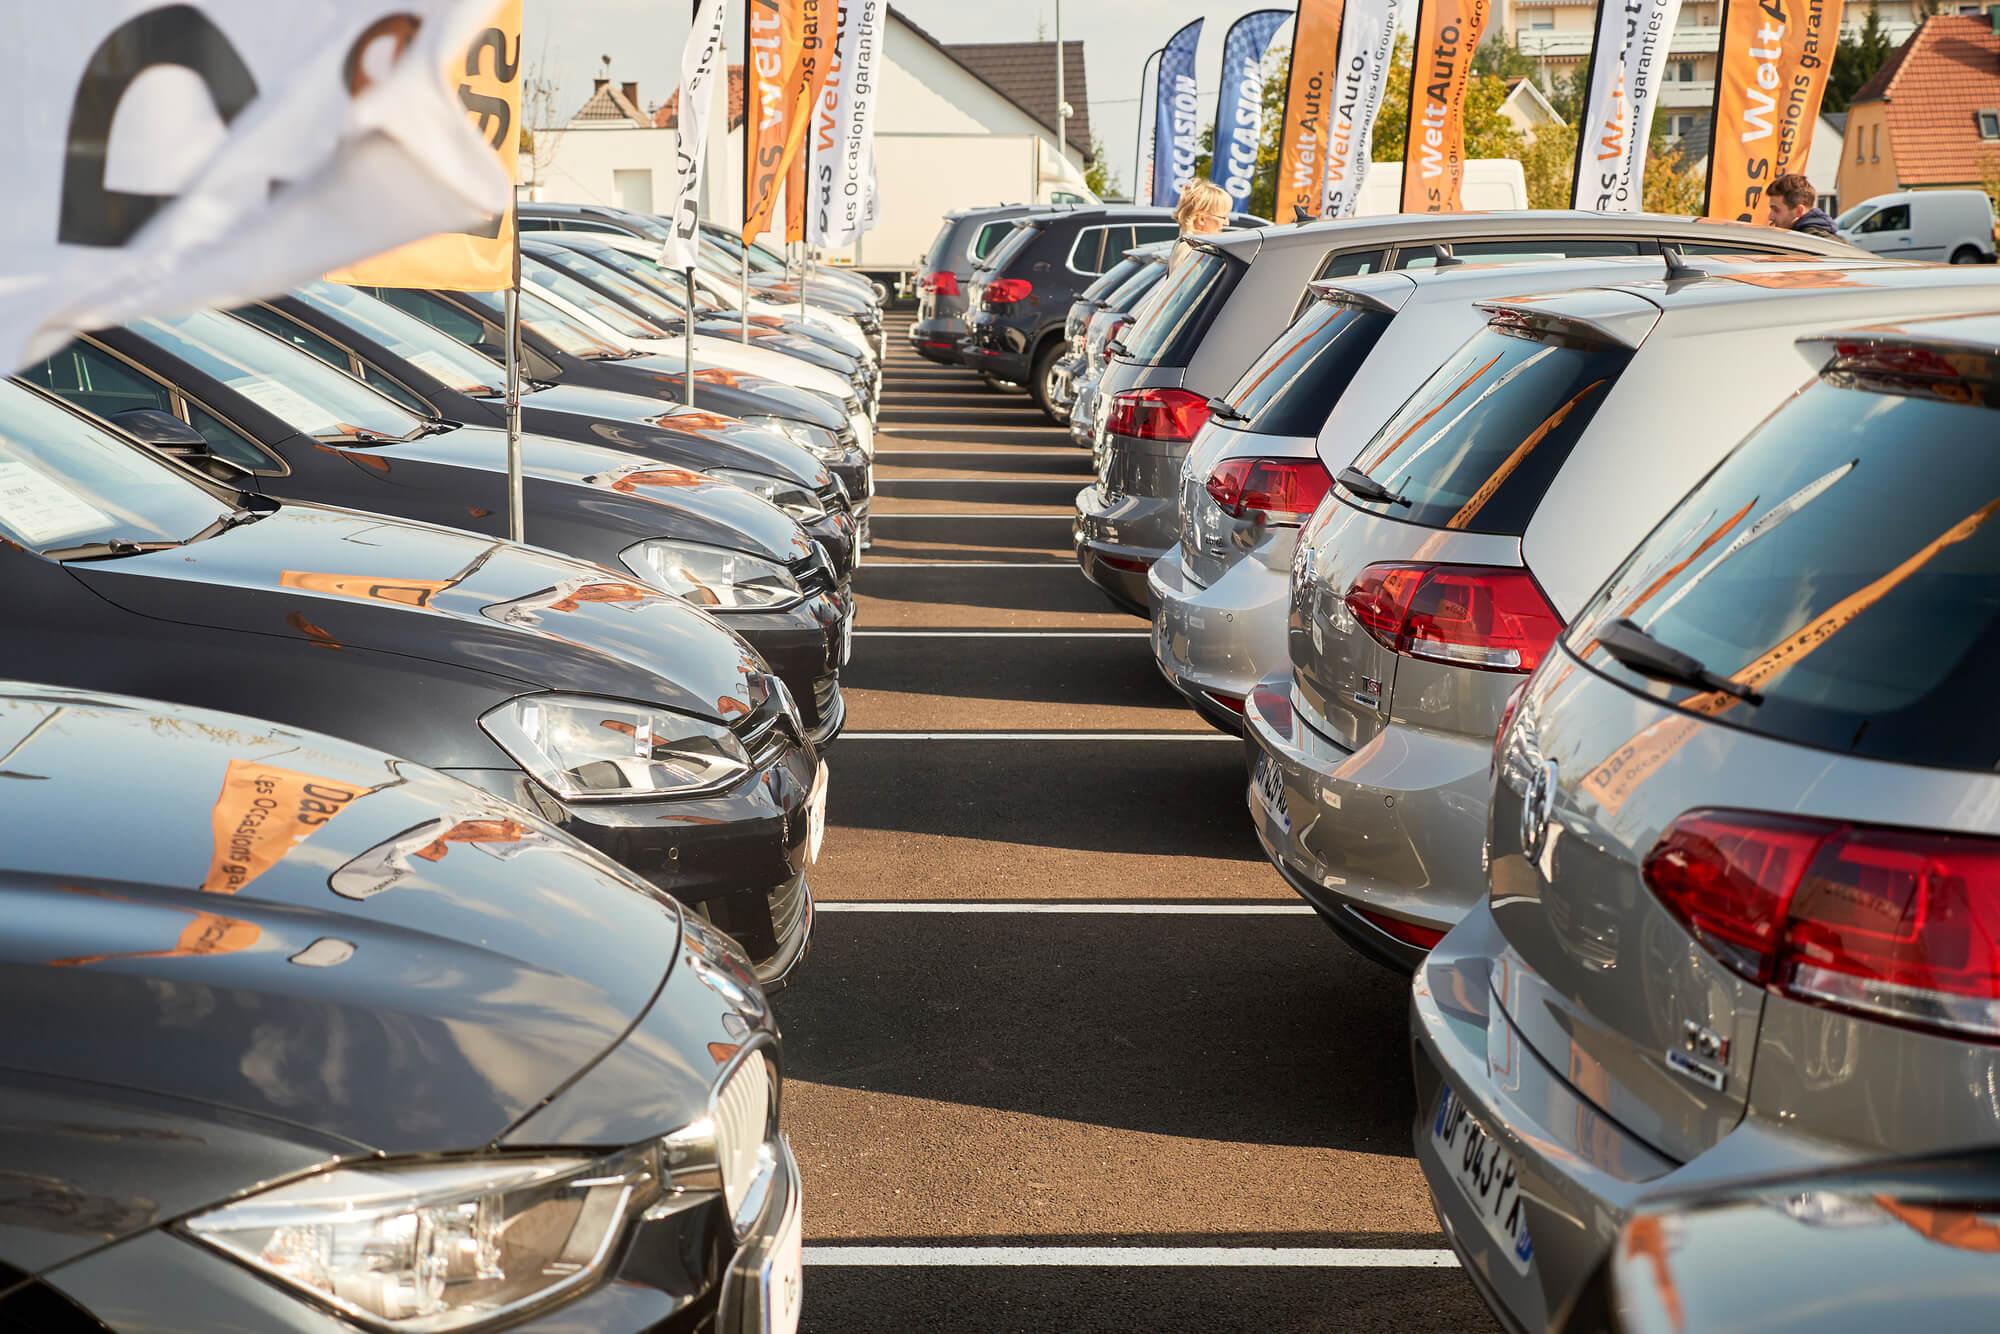 leilões de carro no brasil